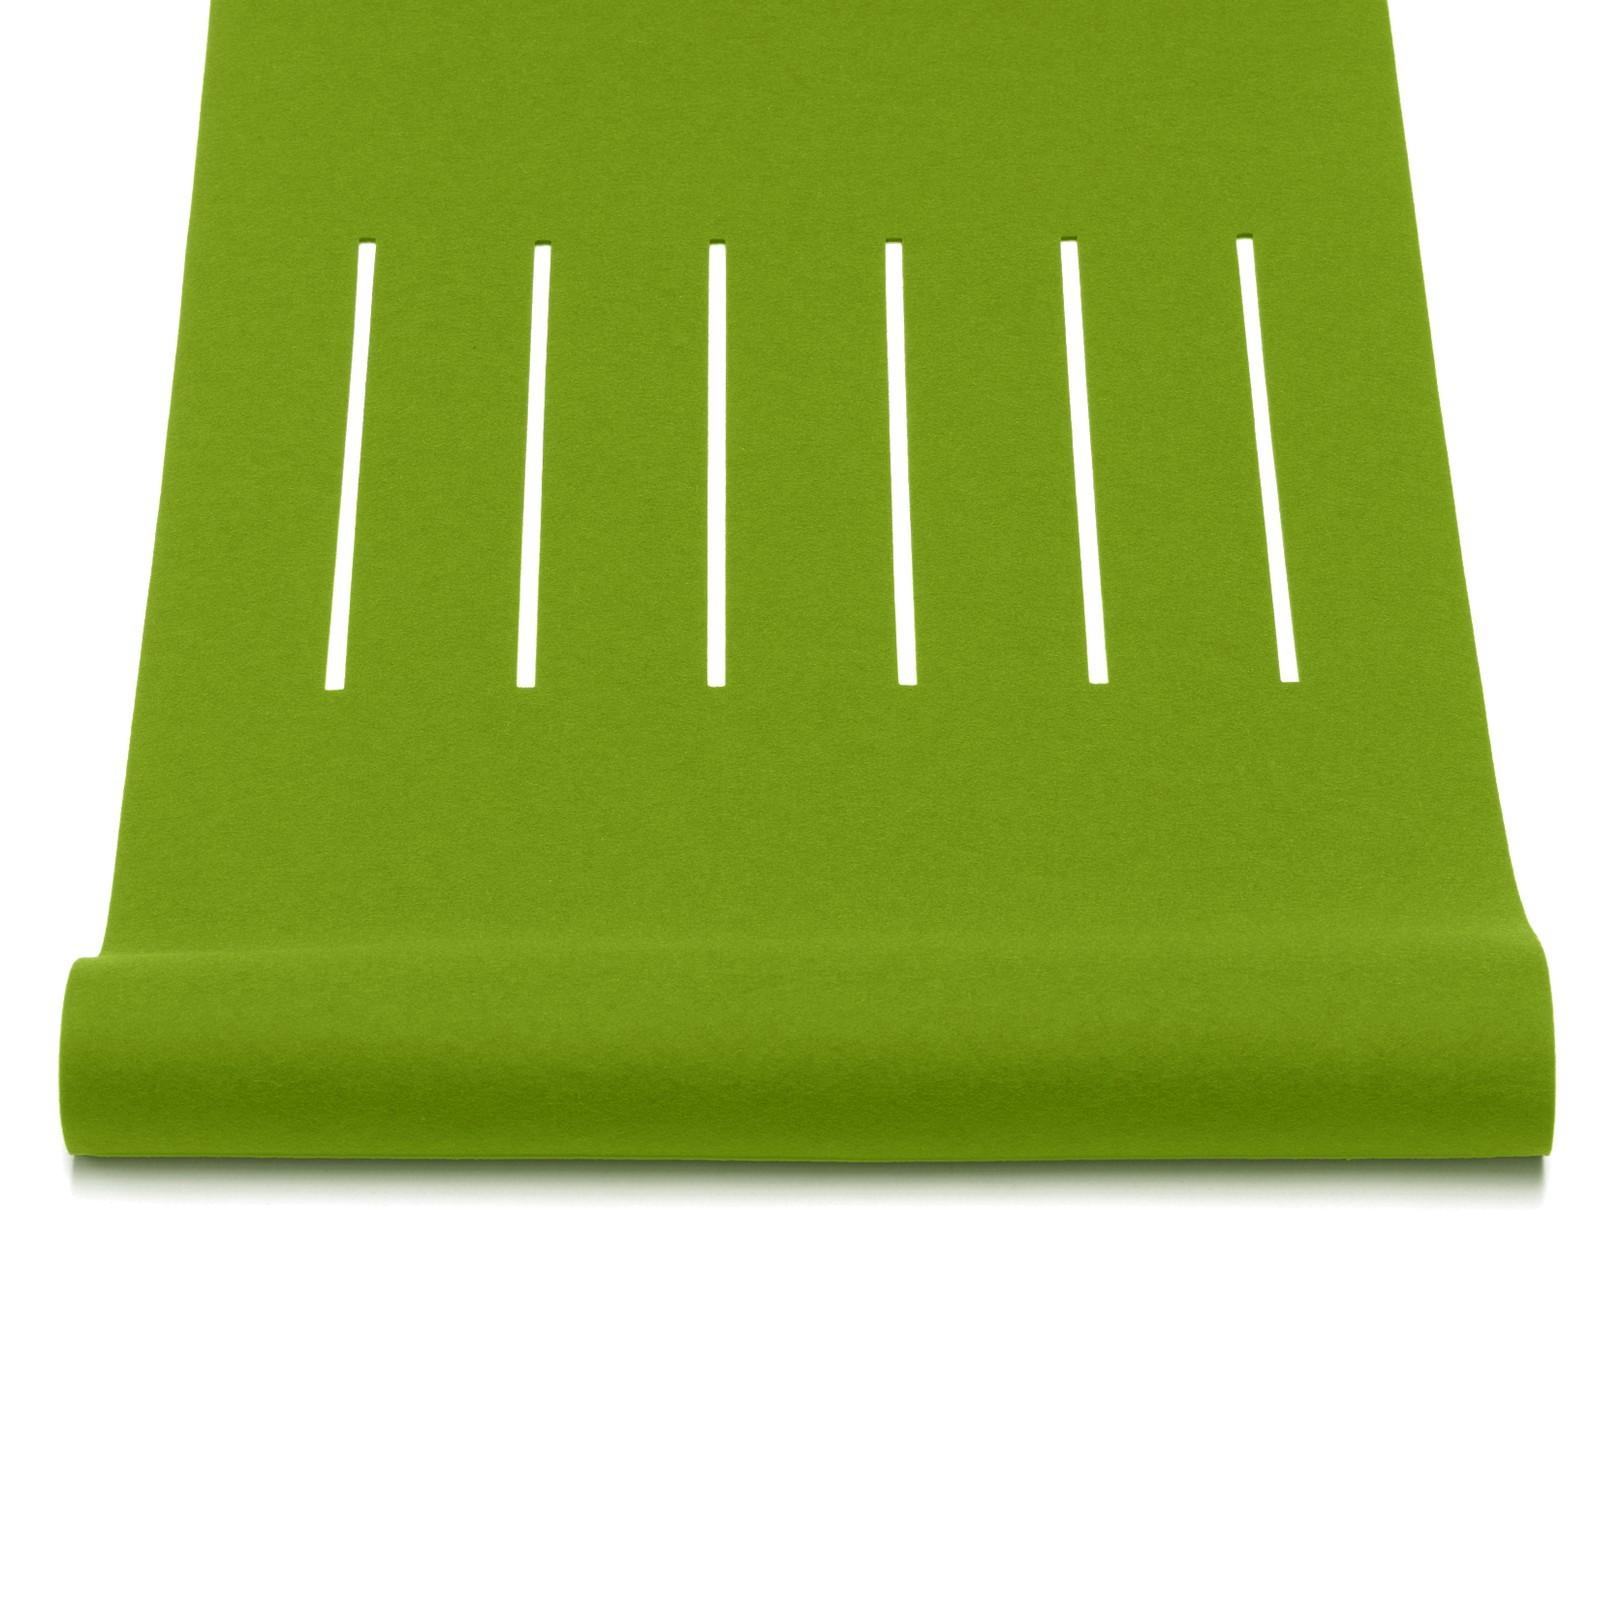 Tischläufer Filz geschlitzt viele Farben + Größen Hey Sign